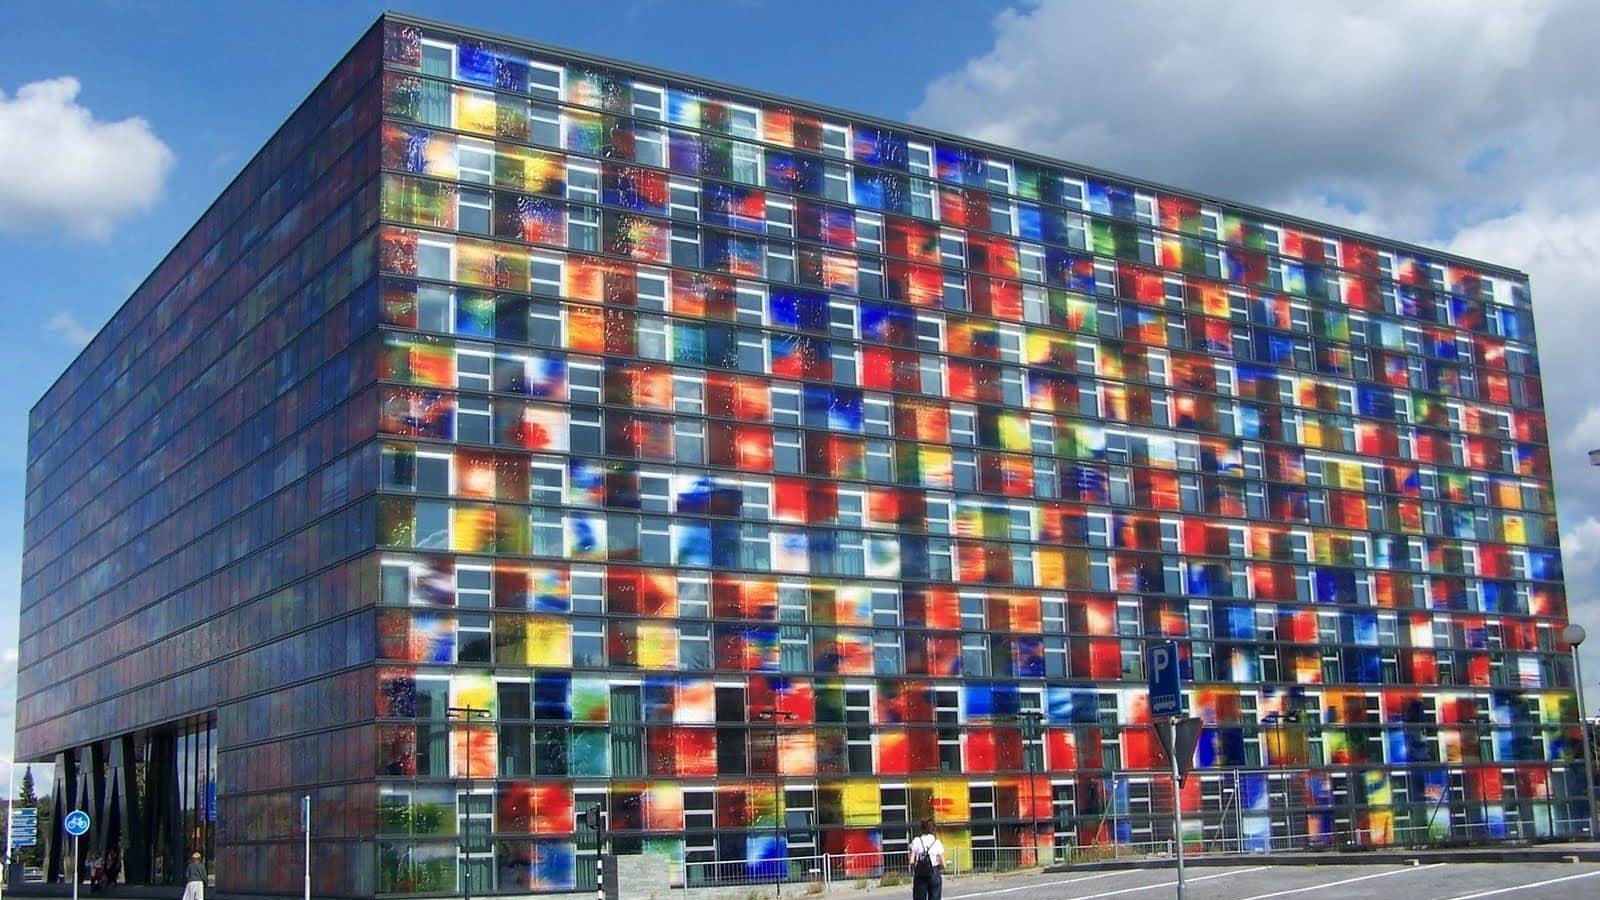 Instituto Holandés de sonido y visión, es una pantalla gigante. Fachadas originales.